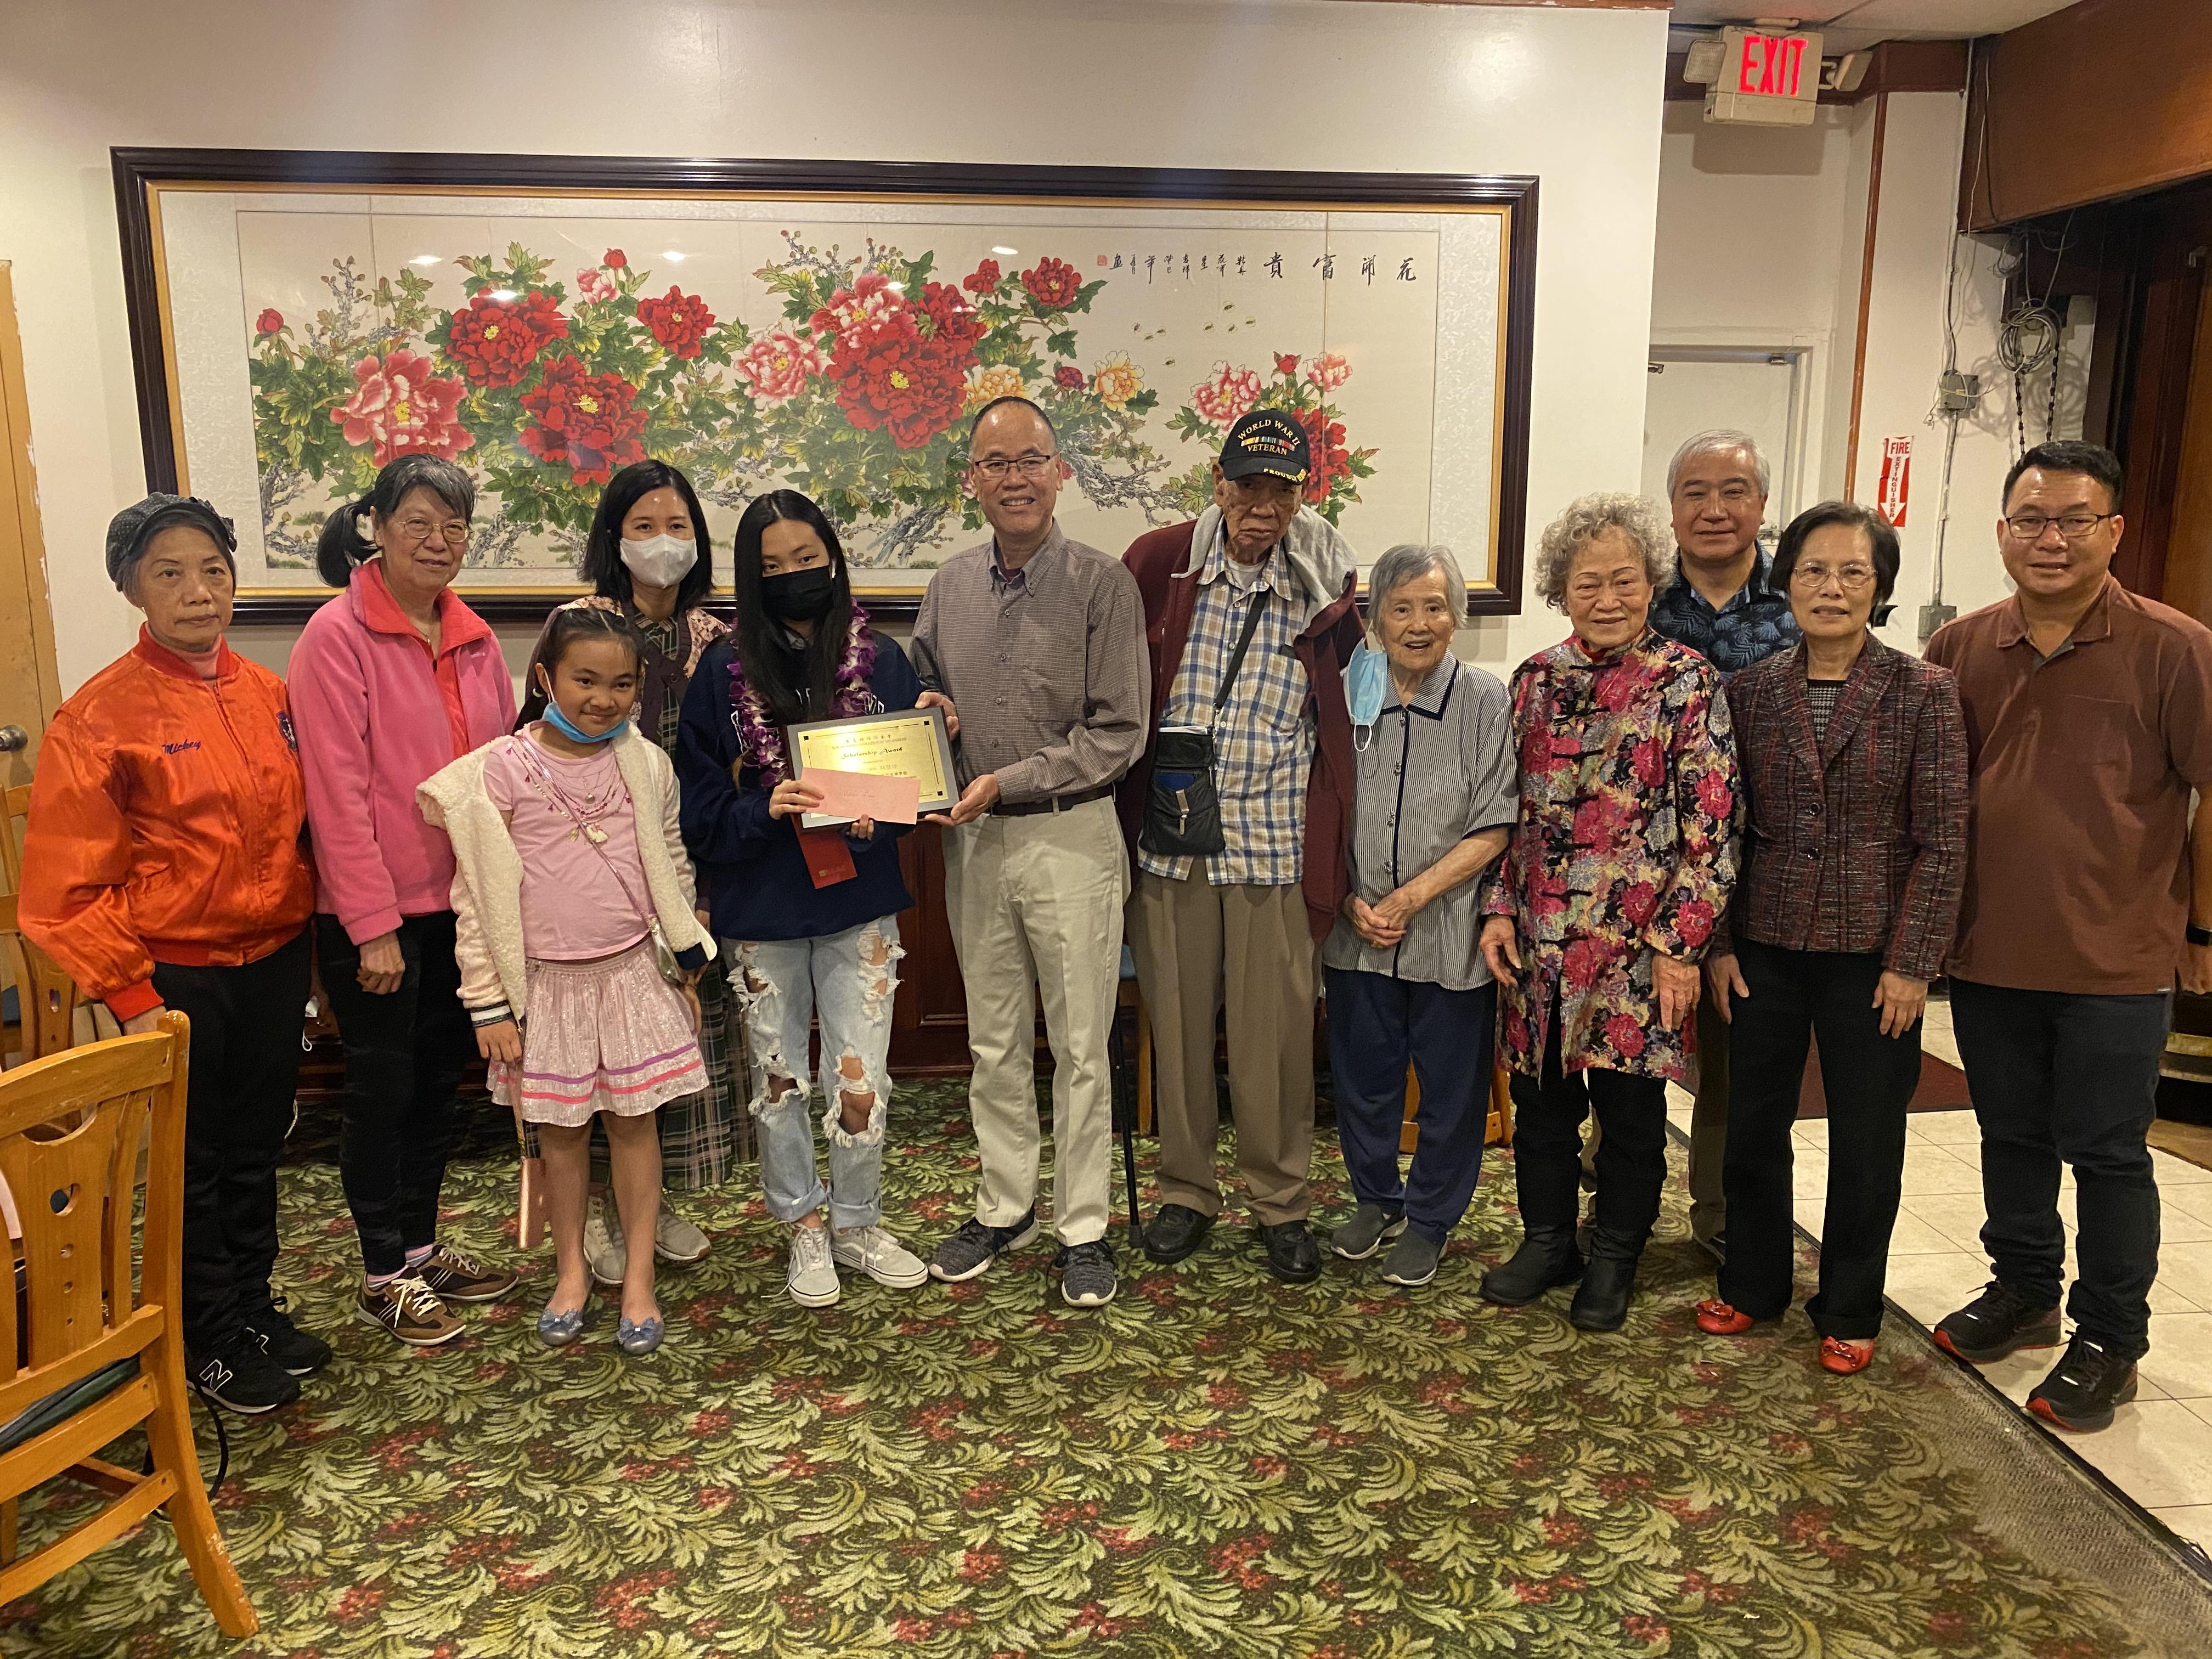 羅省岡州保安堂4月24日舉行獎學金頒獎典禮。